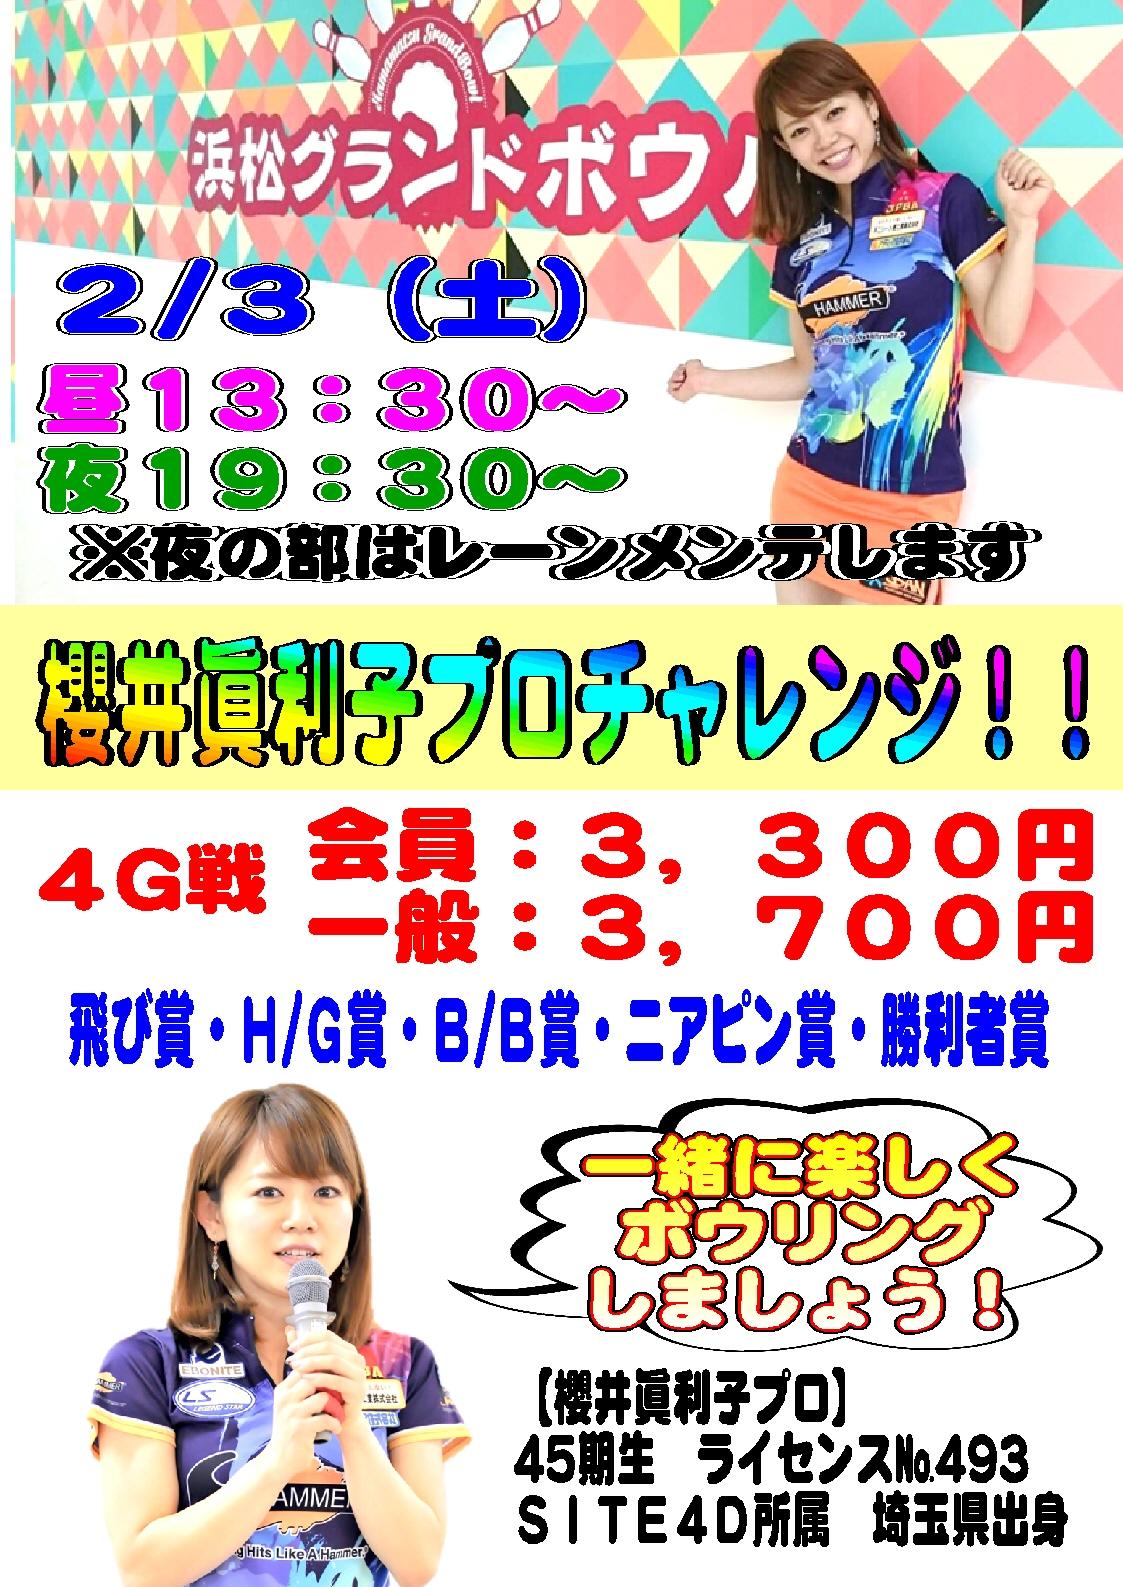 櫻井眞利子プロPOP22018.jpg